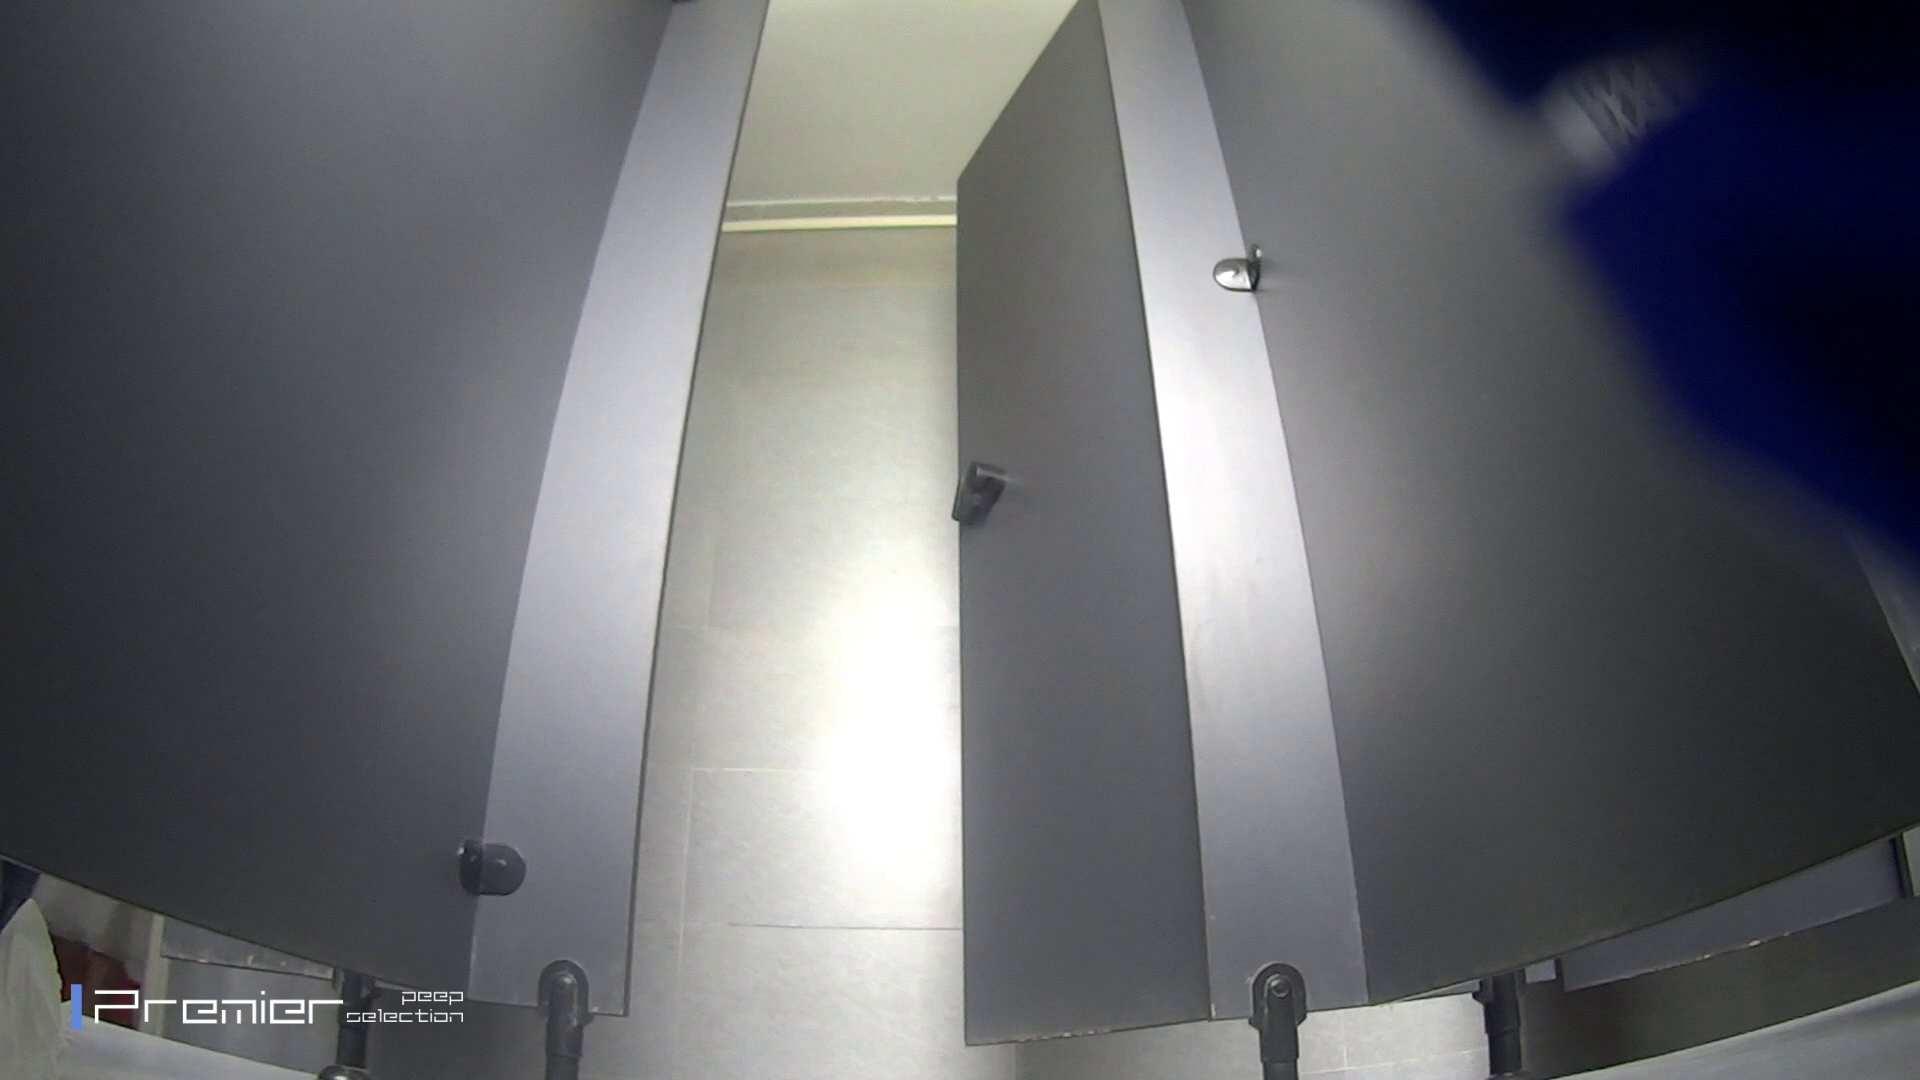 ツンデレお女市さんのトイレ事情 大学休憩時間の洗面所事情32 トイレ中 | 美女達のヌード  100連発 56